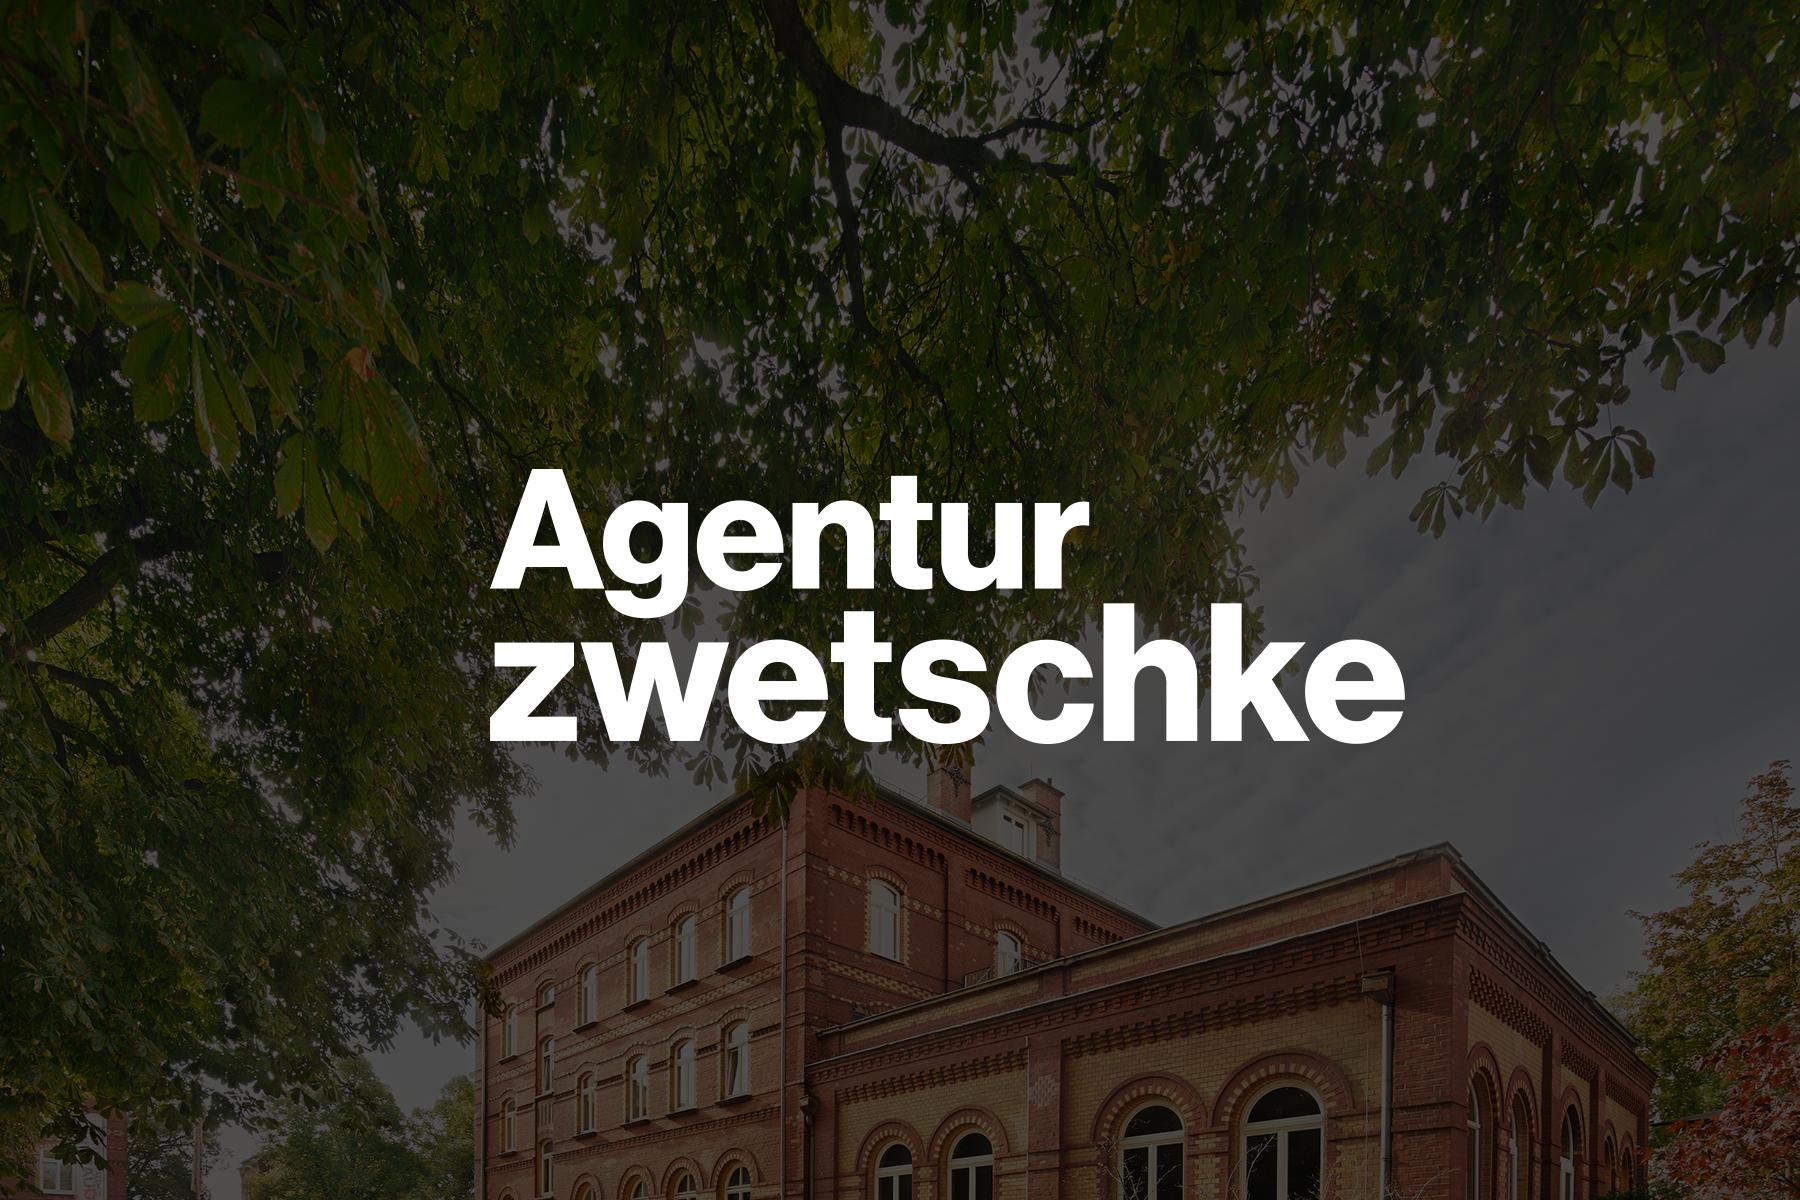 Agentur zwetschke best service werbeagentur für web design